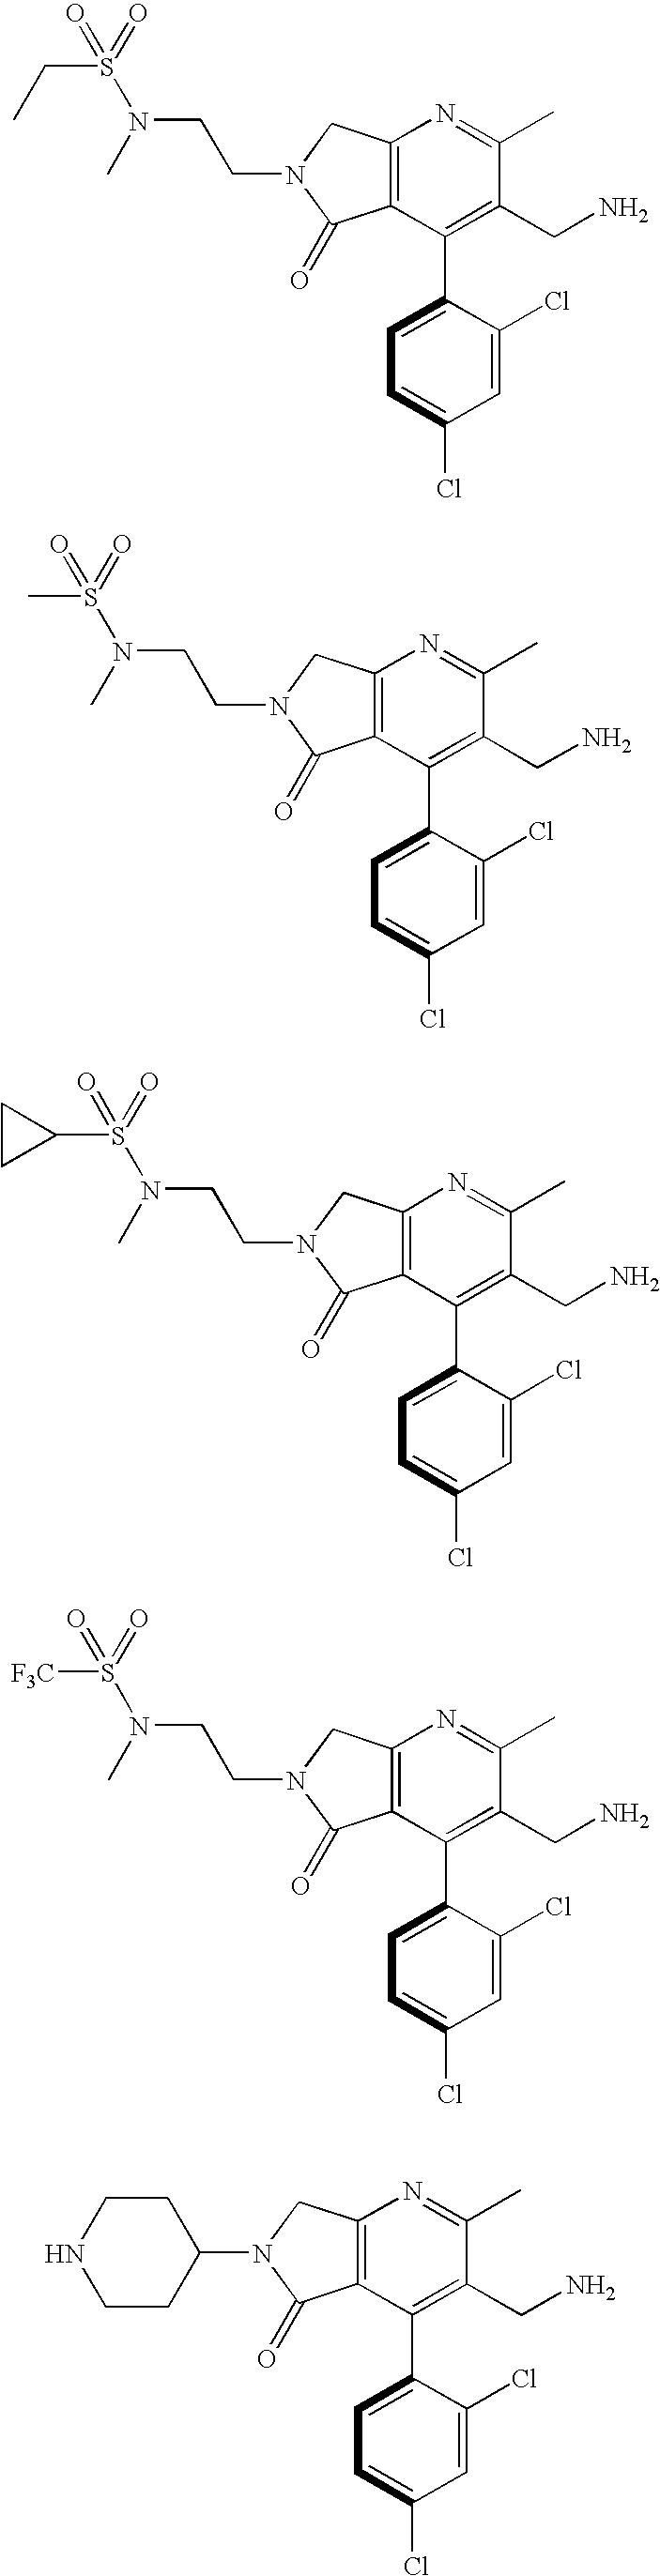 Figure US07521557-20090421-C00026